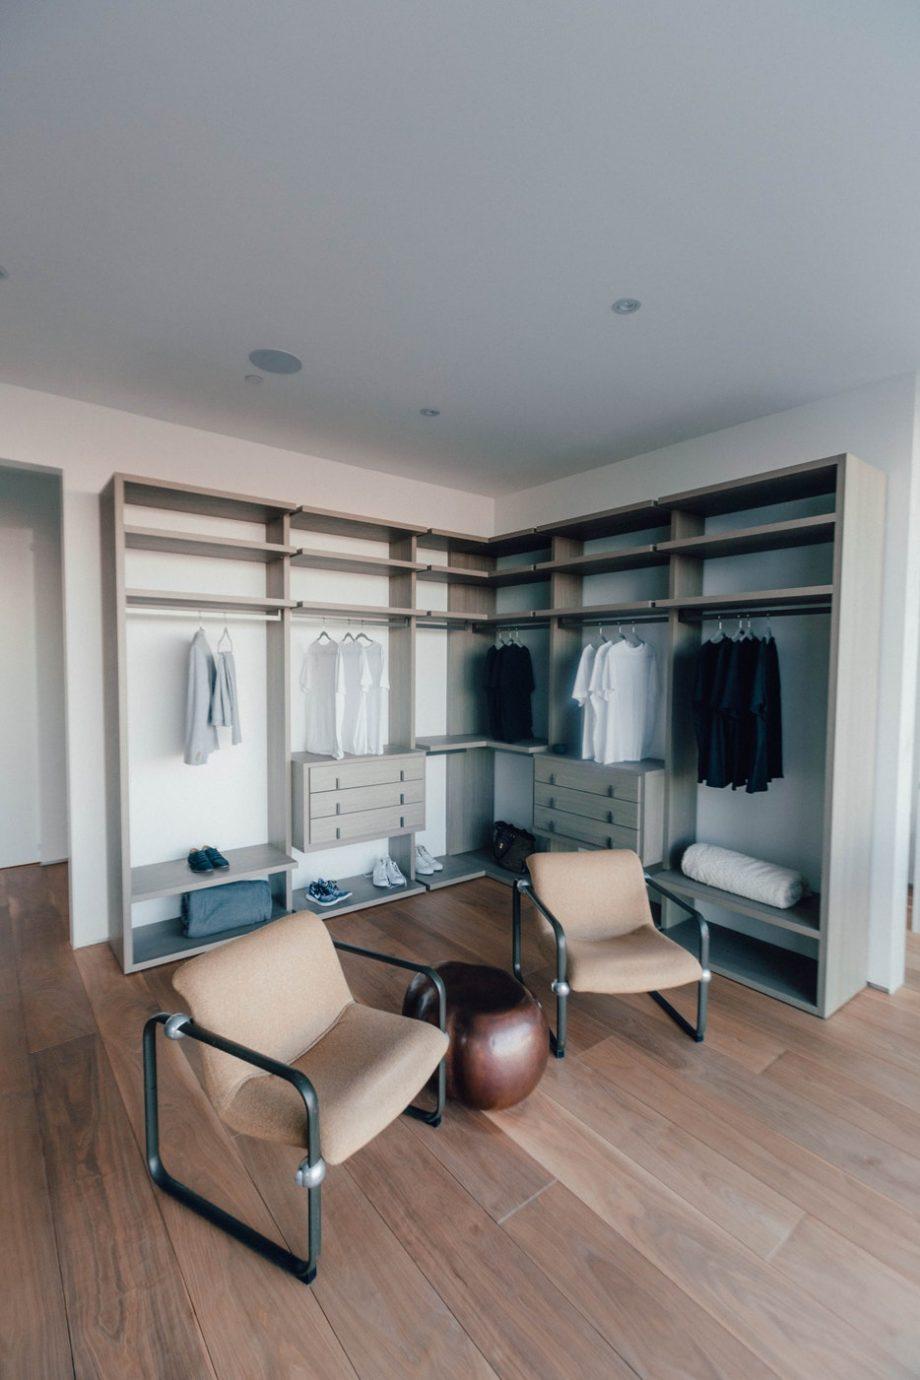 Visa din stil med garderobsinredning